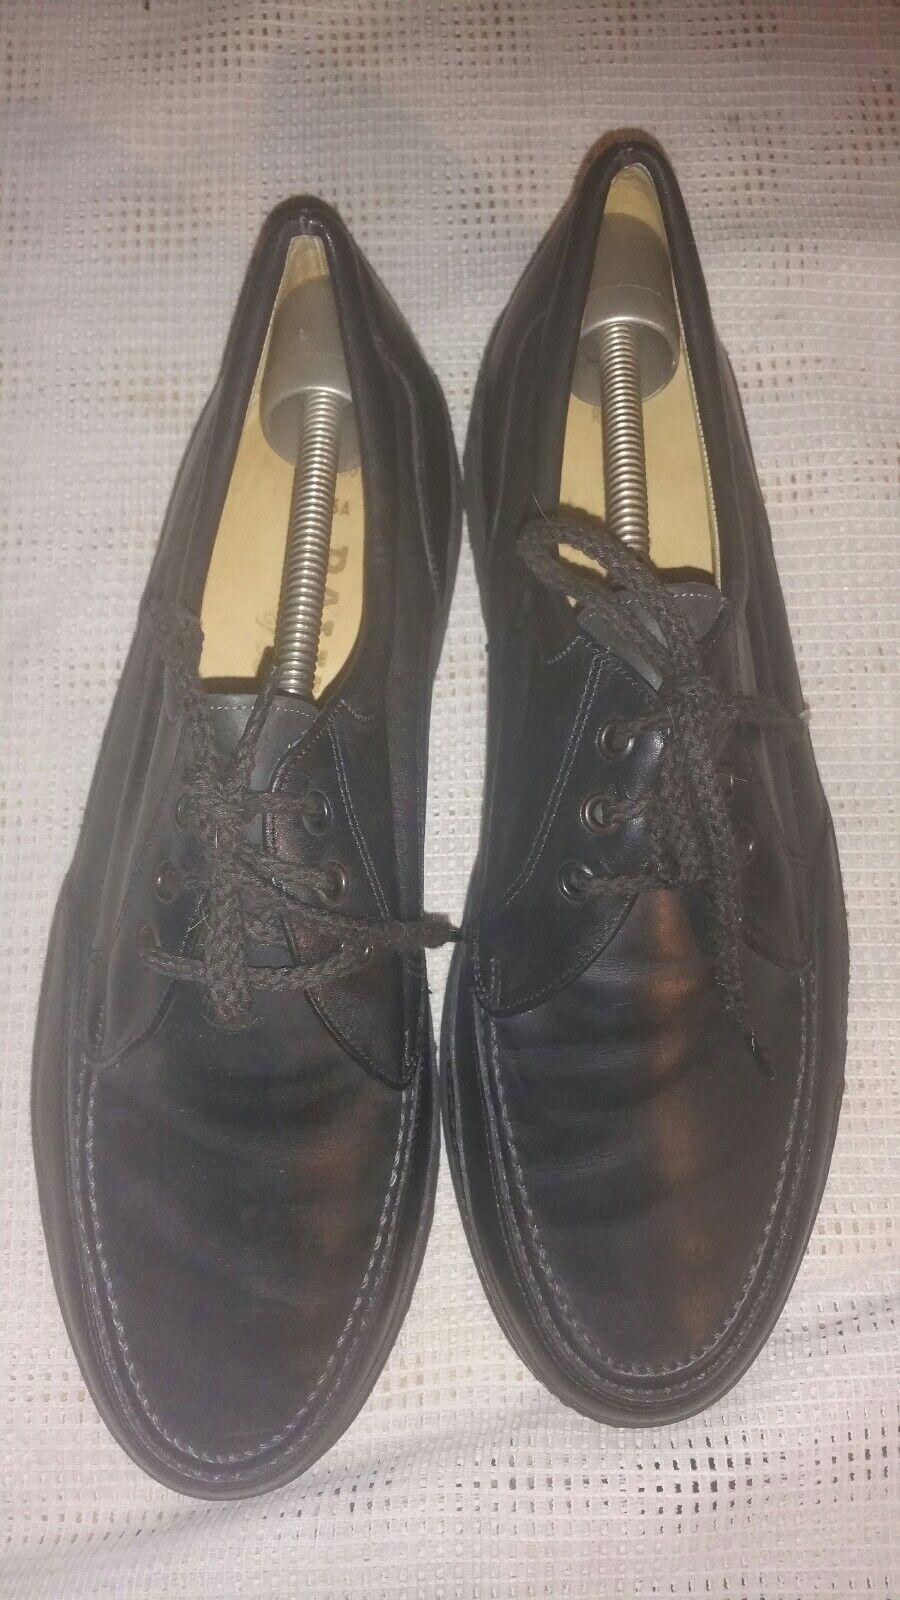 Bally Herren Schwarz Schuhe Geschäft ... Lederschuhe in Schwarz Herren ... Geschäft be3b45